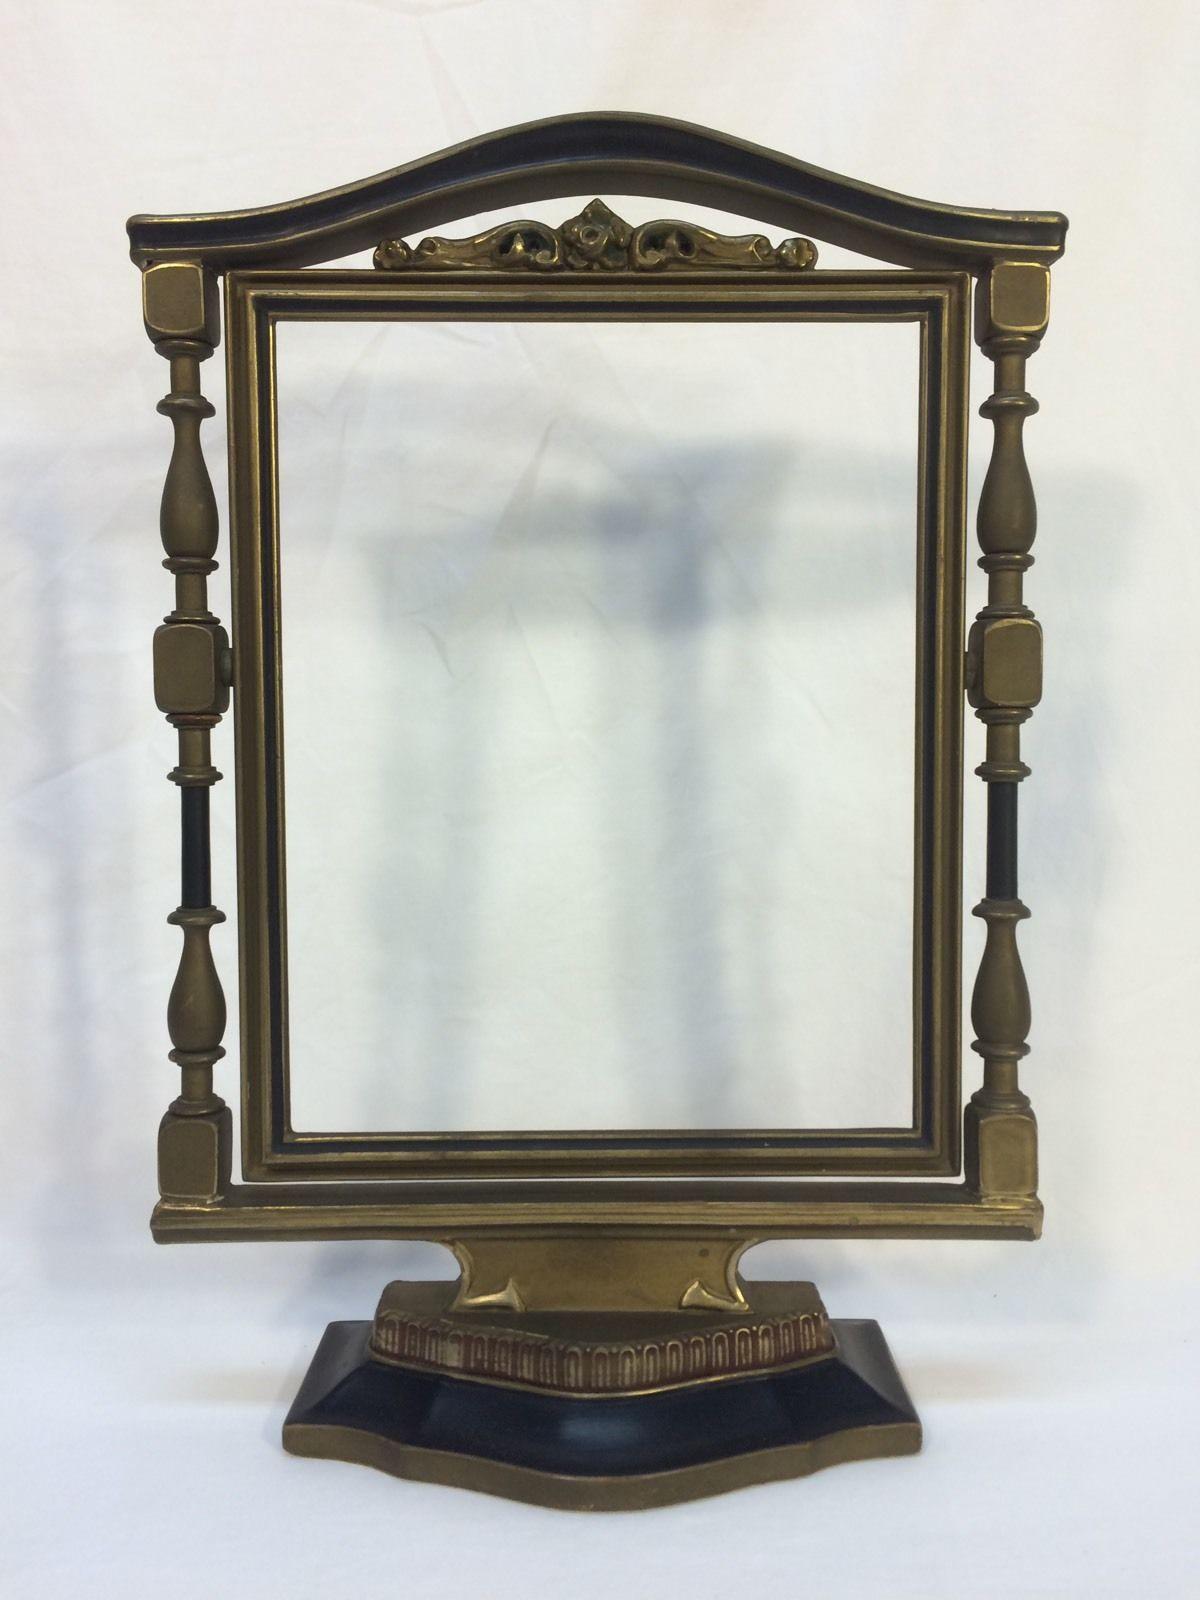 Antique Art Deco Ornate Standing Swivel Swing Frame 7 1/2 X 9 1/2 ...